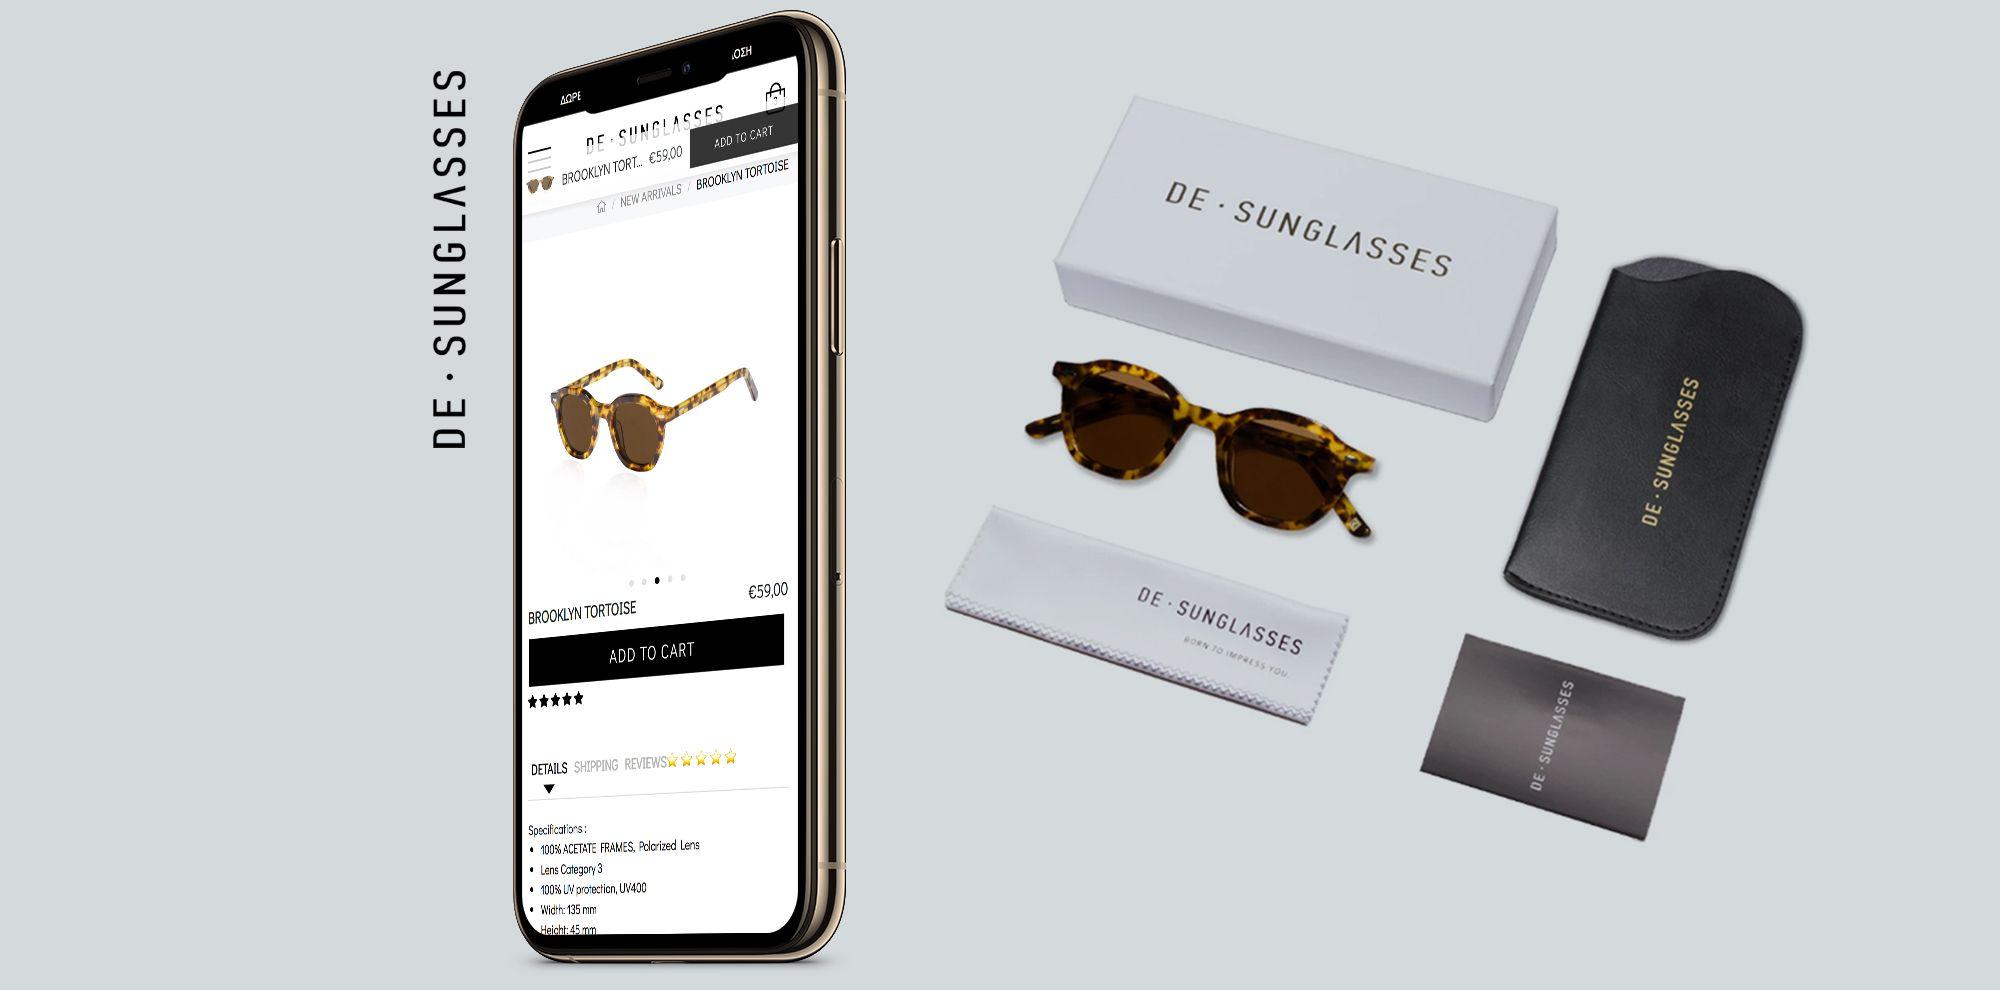 Η Think Plus παρουσιάζει το νέο εντυπωσιακό eshop του DE-SUNGLASSES